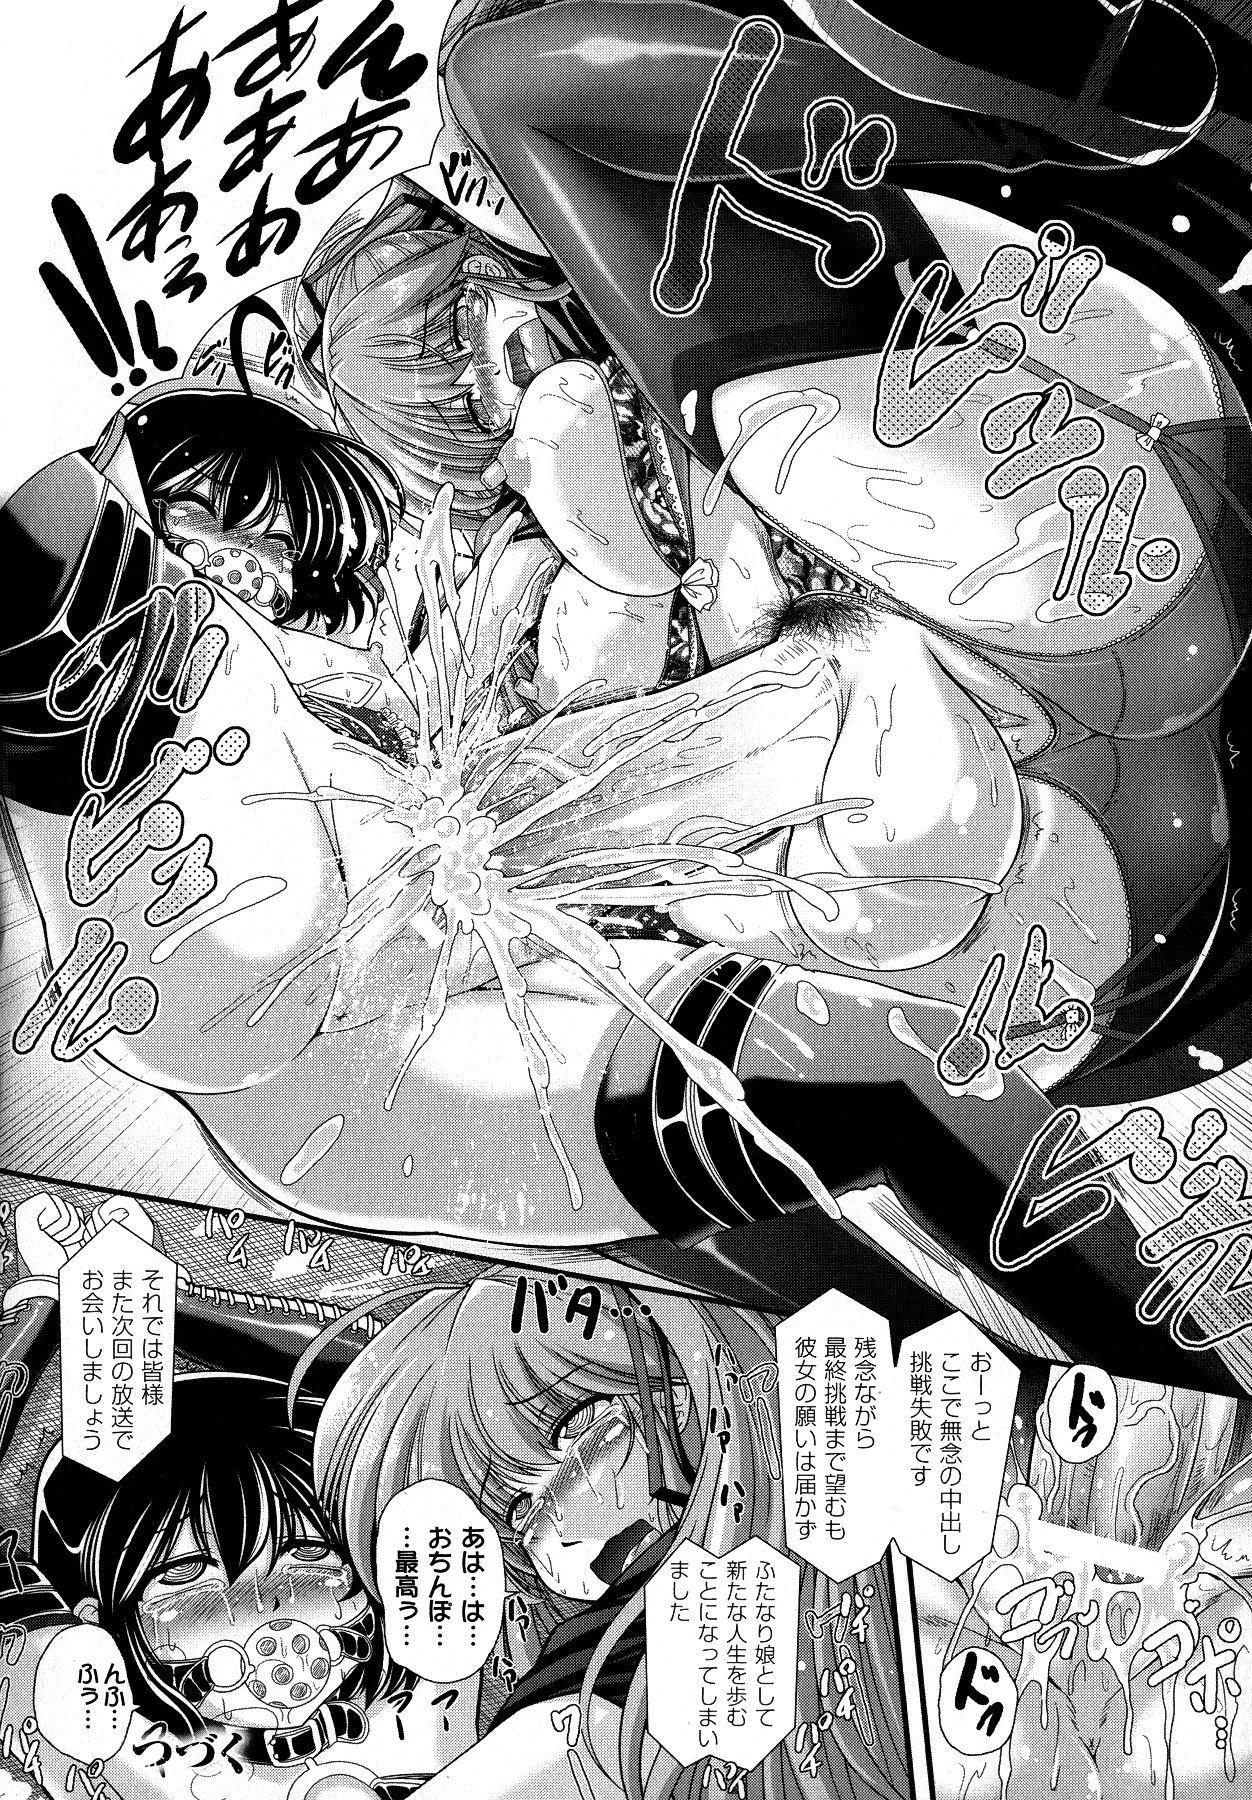 Akuma no Shitsumon 27